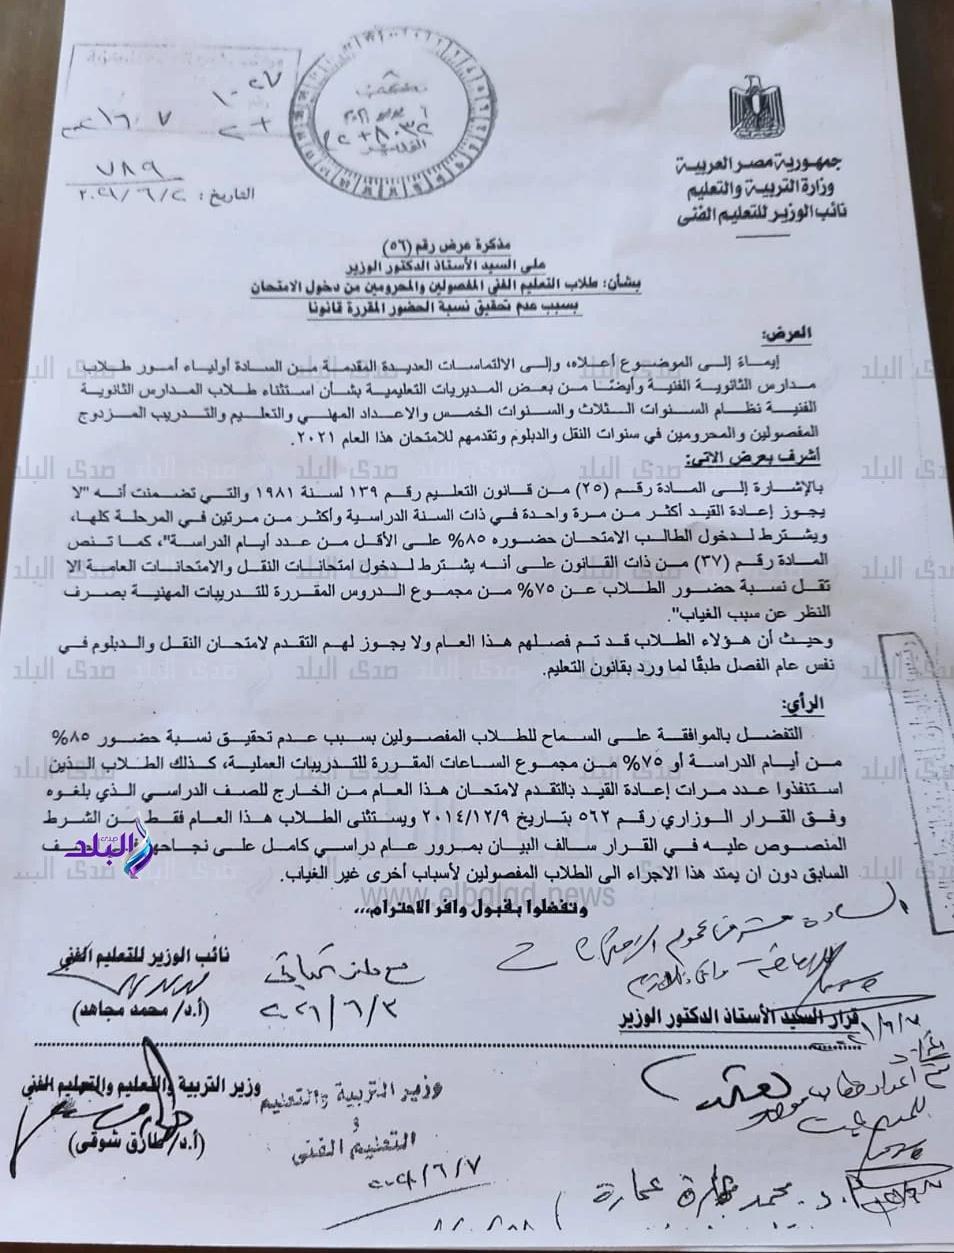 """وزير التعليم يوافق على السماح لطلاب """"الدبلومات الفنية"""" المفصولين بسبب الغياب بدخول امتحانات هذا العام 10428"""